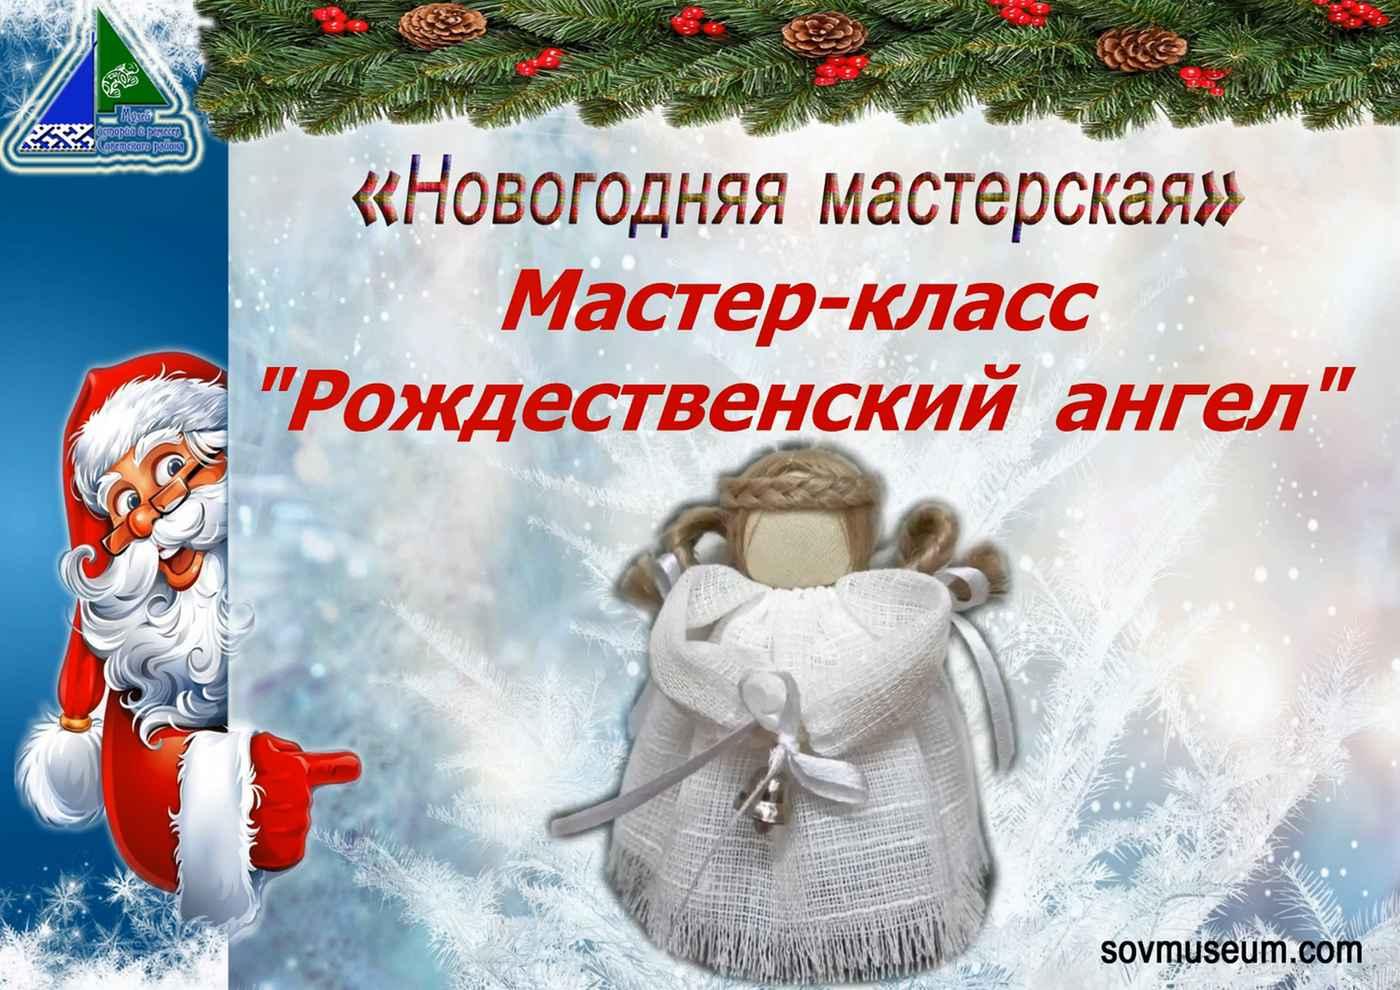 Новогодняя мастерская - мастер-класс «Рождественский ангел»